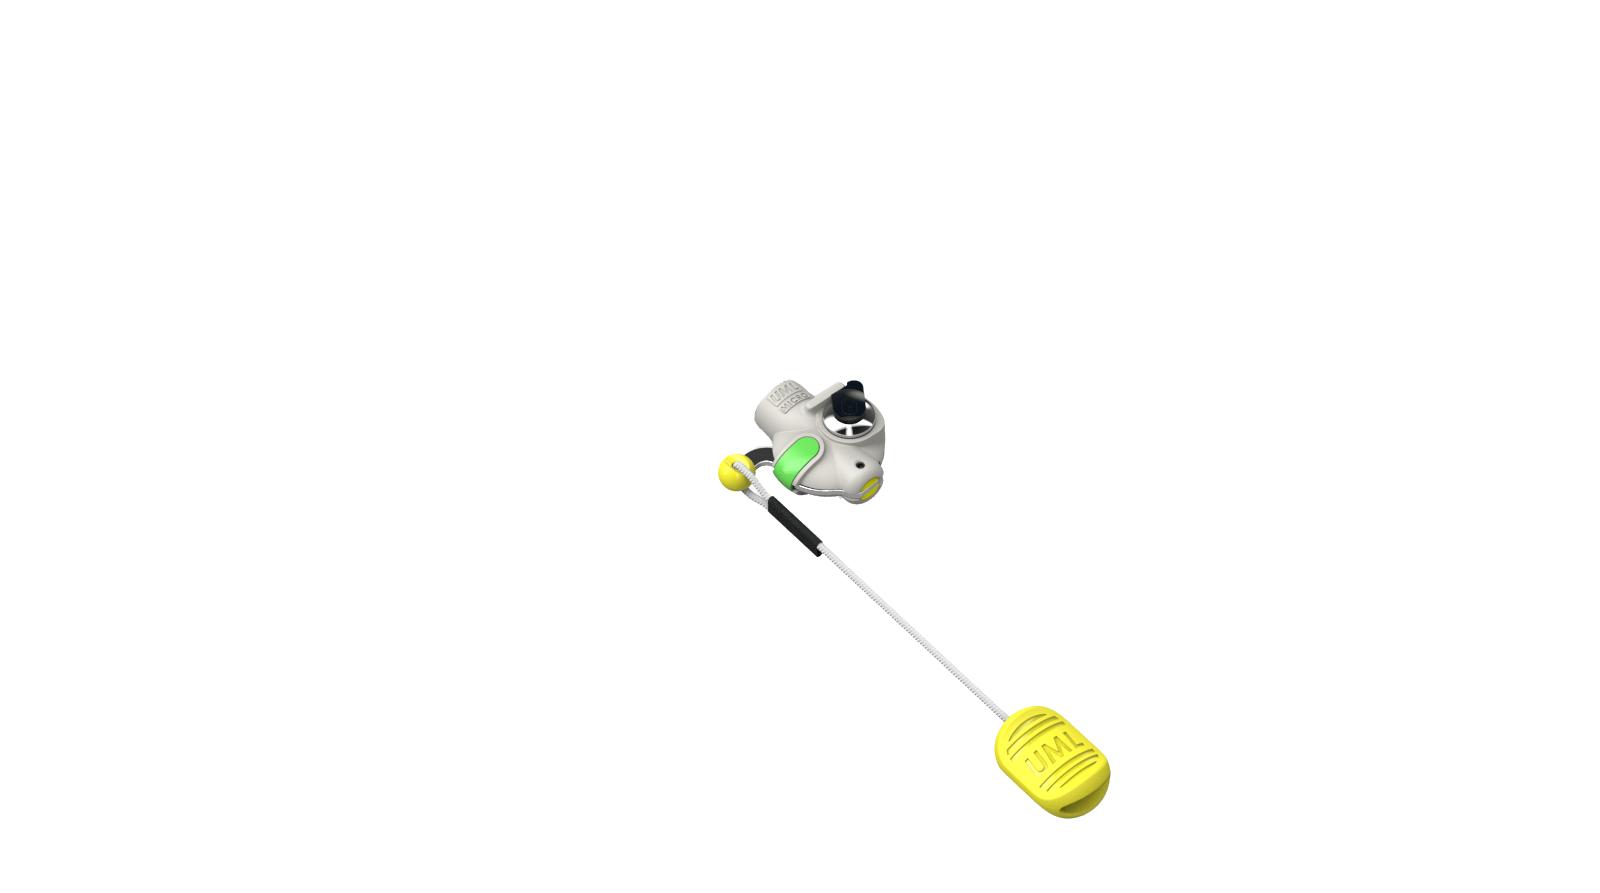 """15.53 - Χειροκίνητος Μηχανισμός Micro Manual """"D"""" Hole"""